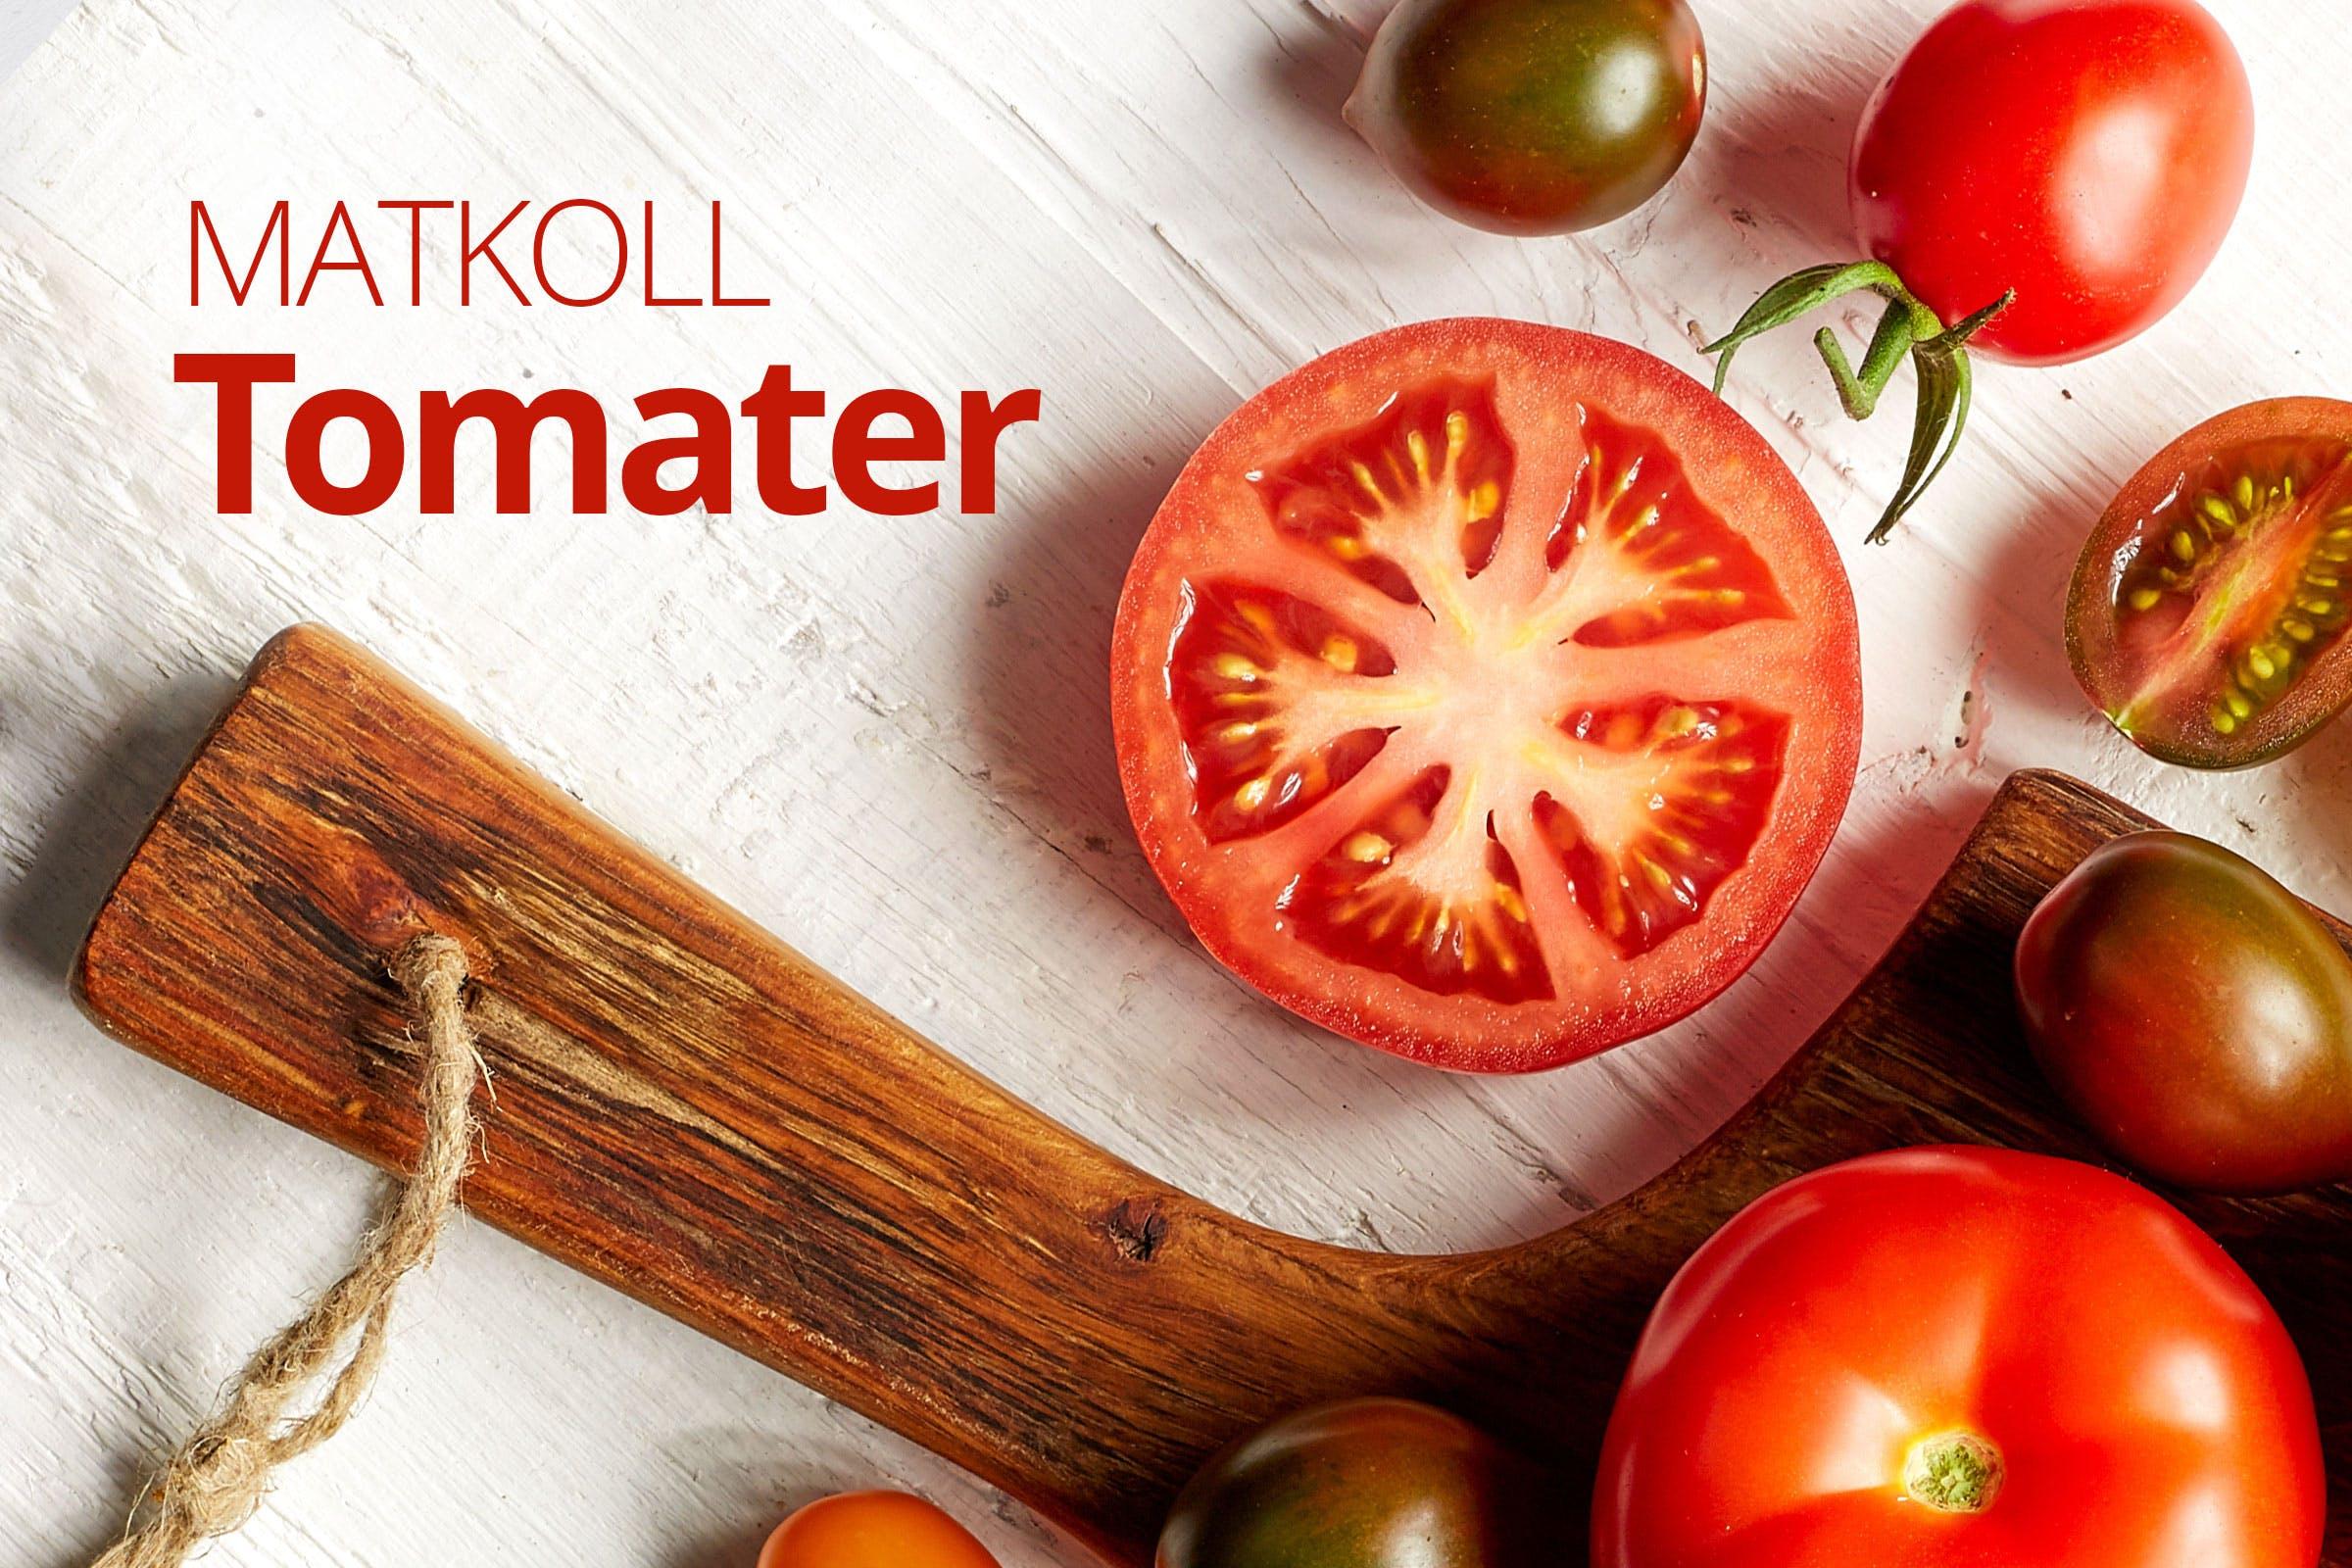 Lär dig mer om tomater